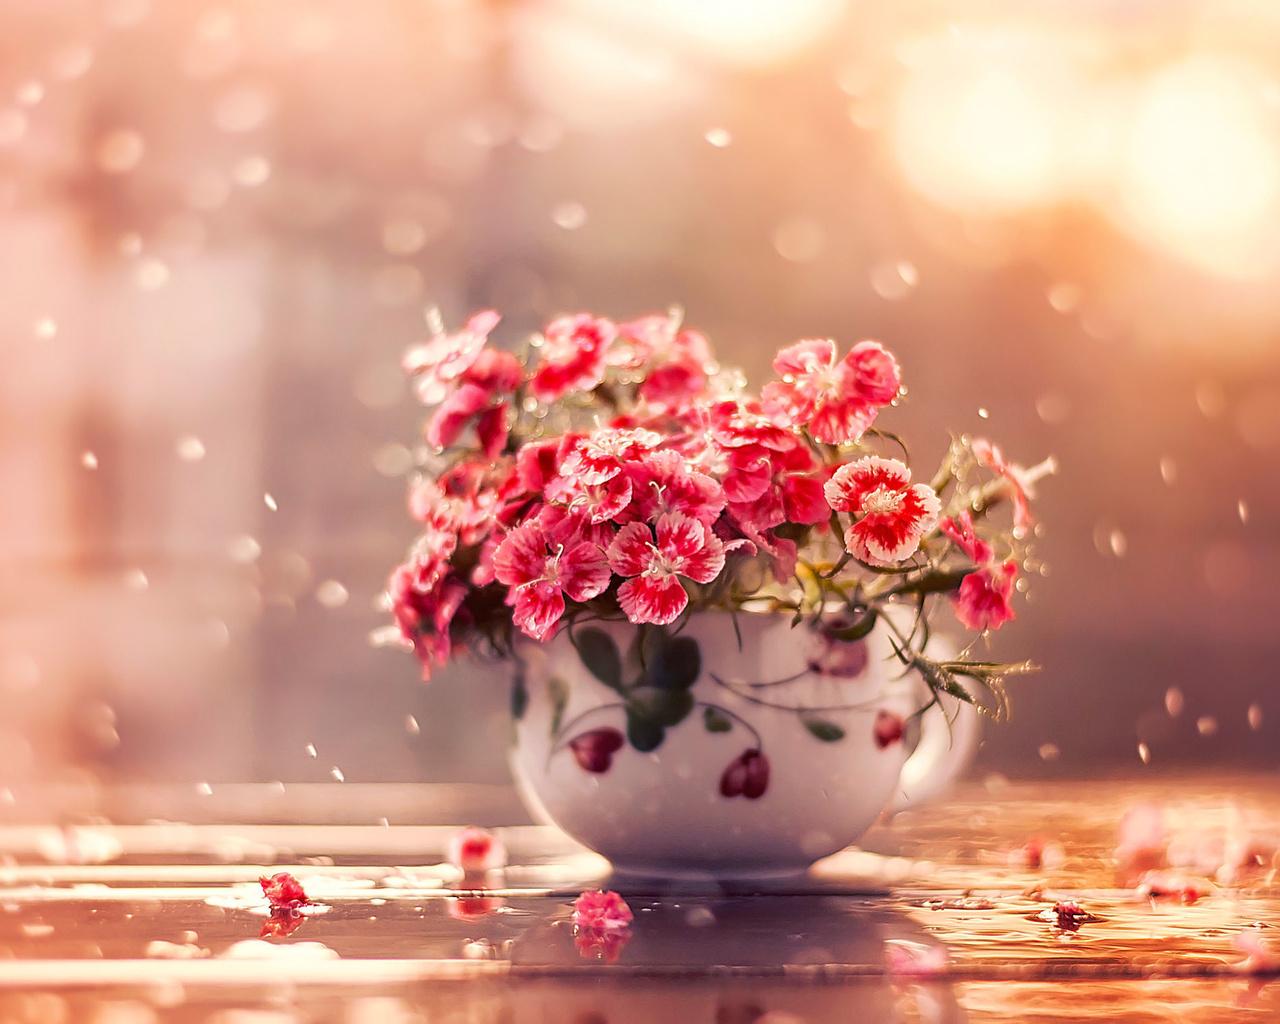 чашка, гвоздики, капли, вода, цветы